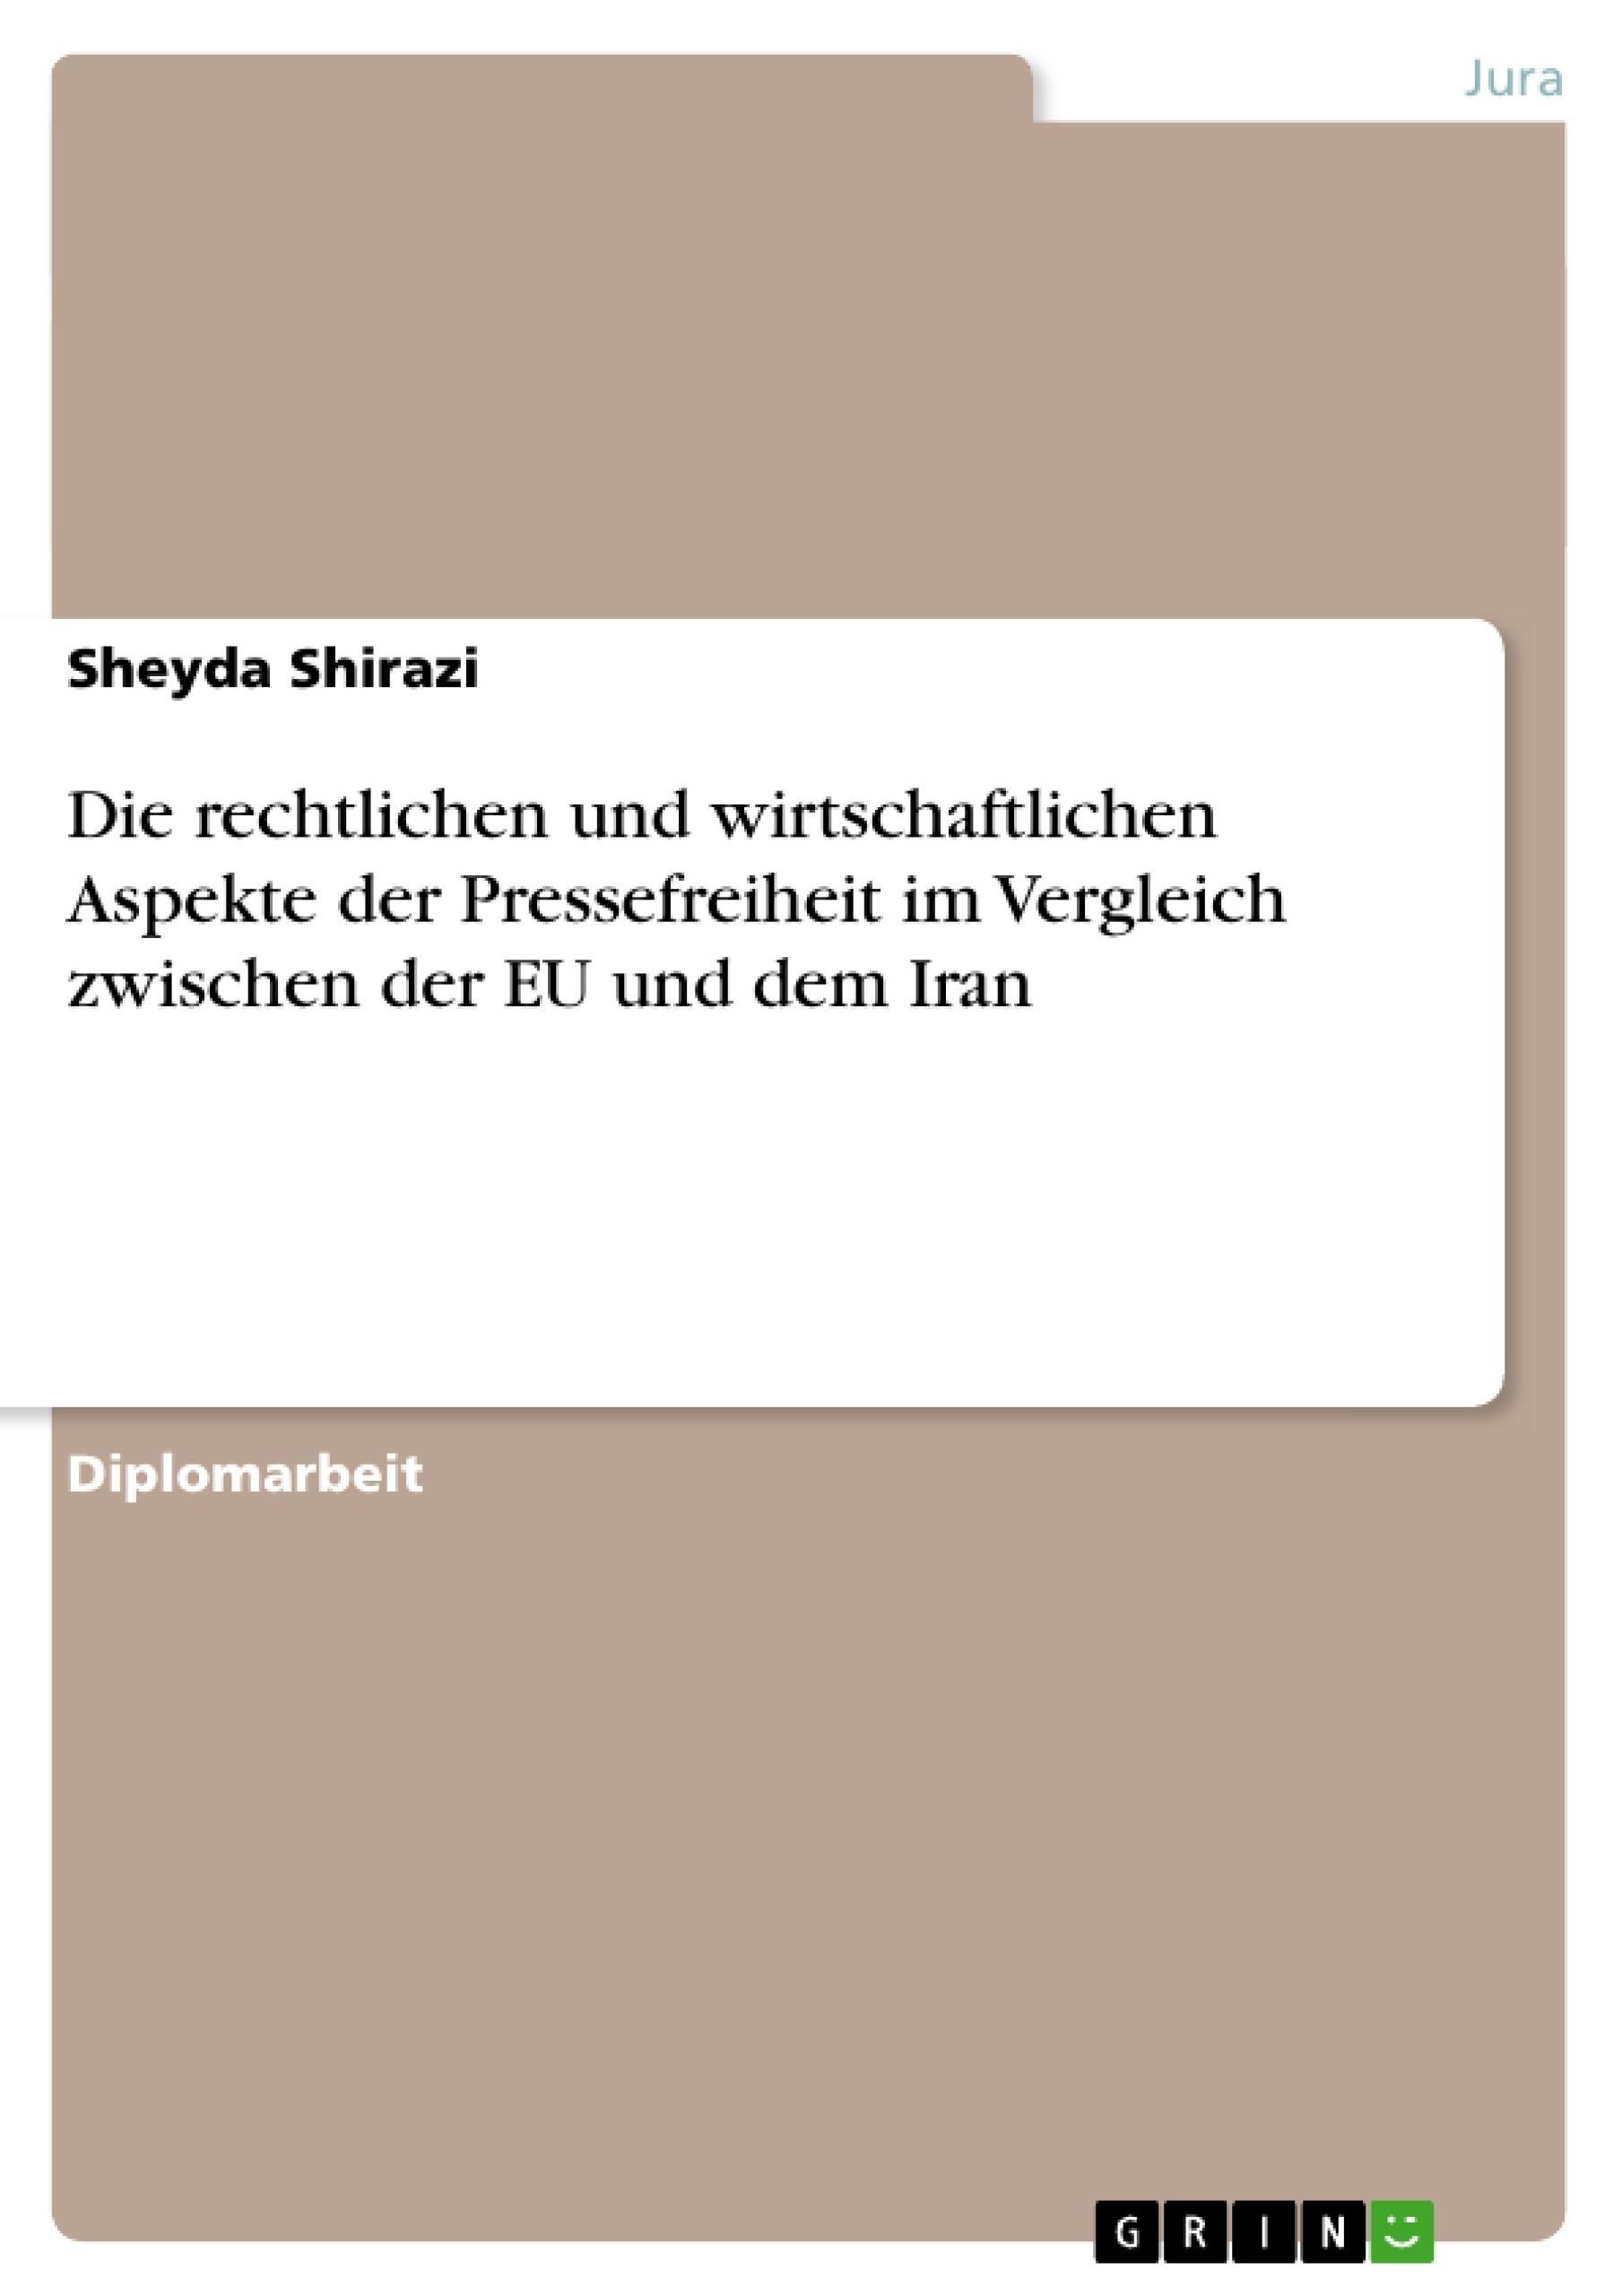 Titel: Die rechtlichen und wirtschaftlichen Aspekte der Pressefreiheit im Vergleich zwischen der EU und dem Iran